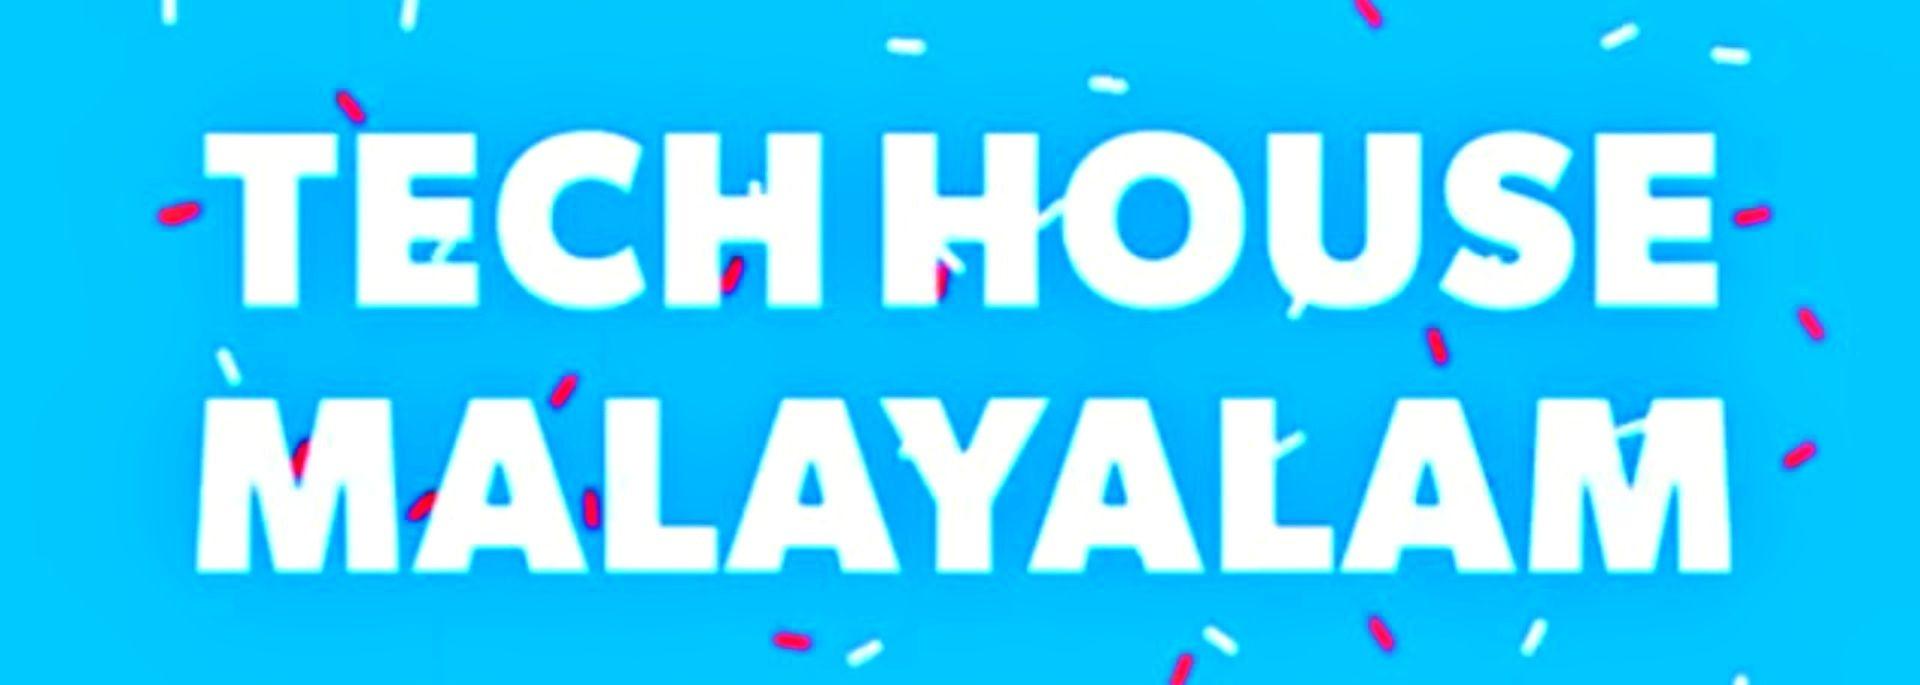 Tech House Malayalam channel